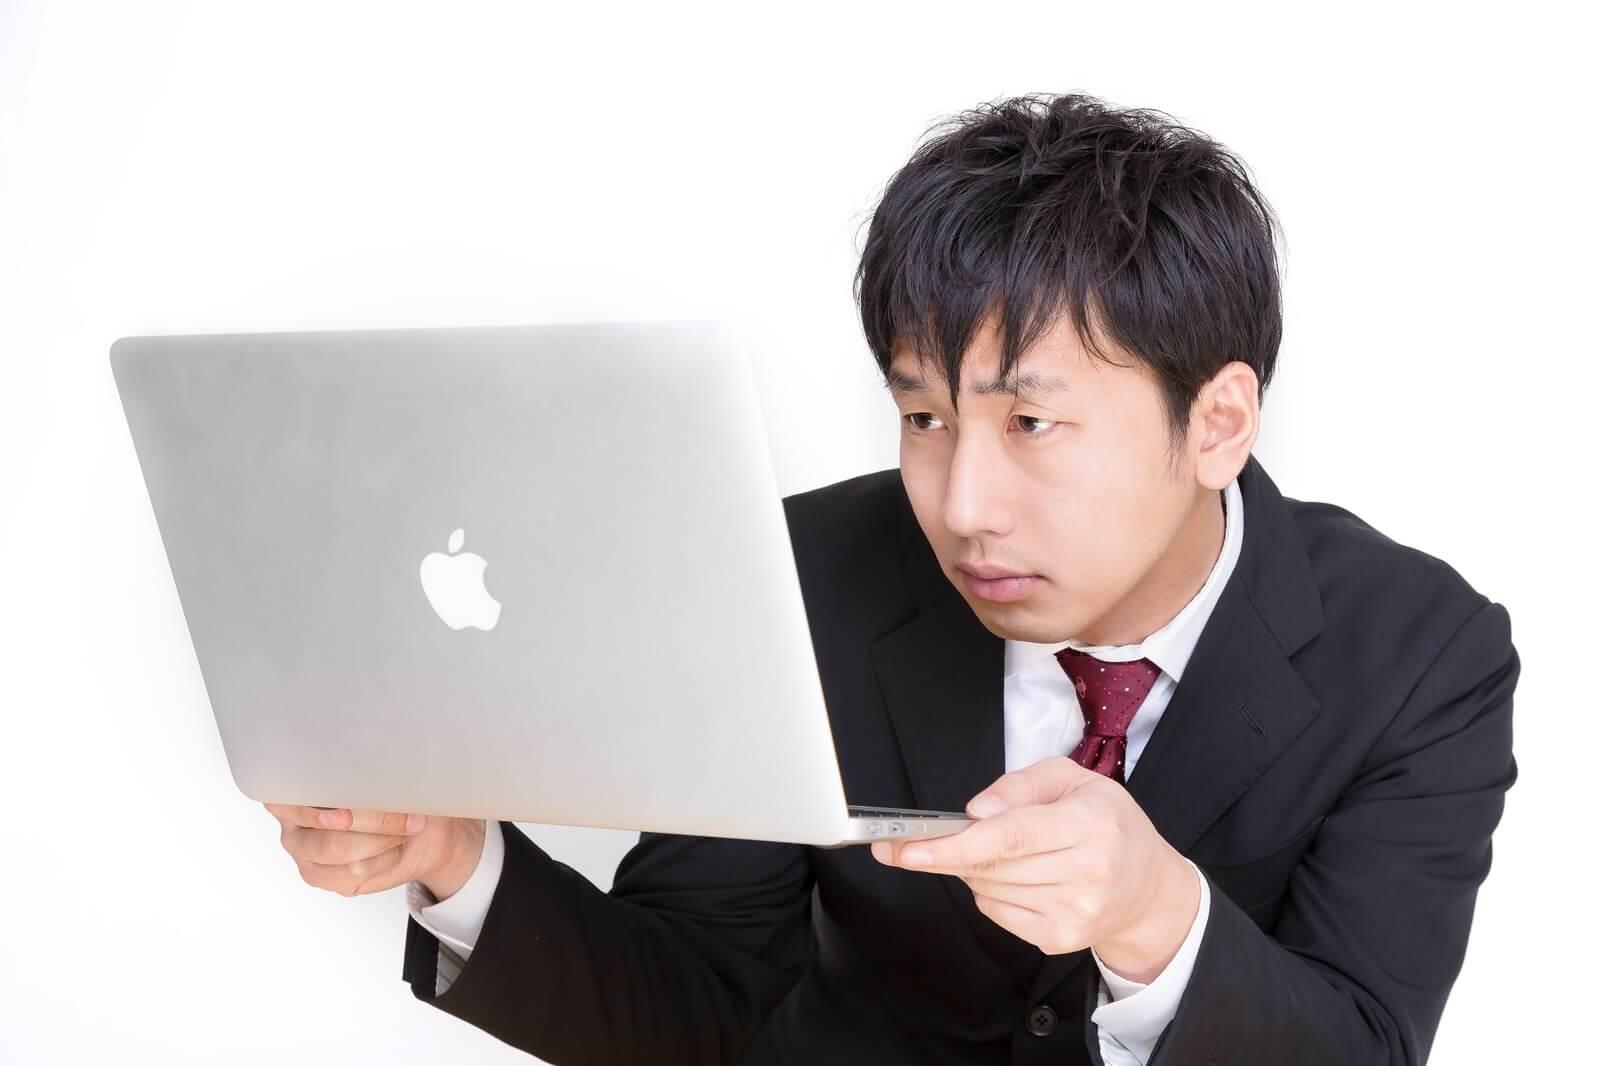 moshiのキーボードカバーのデメリット